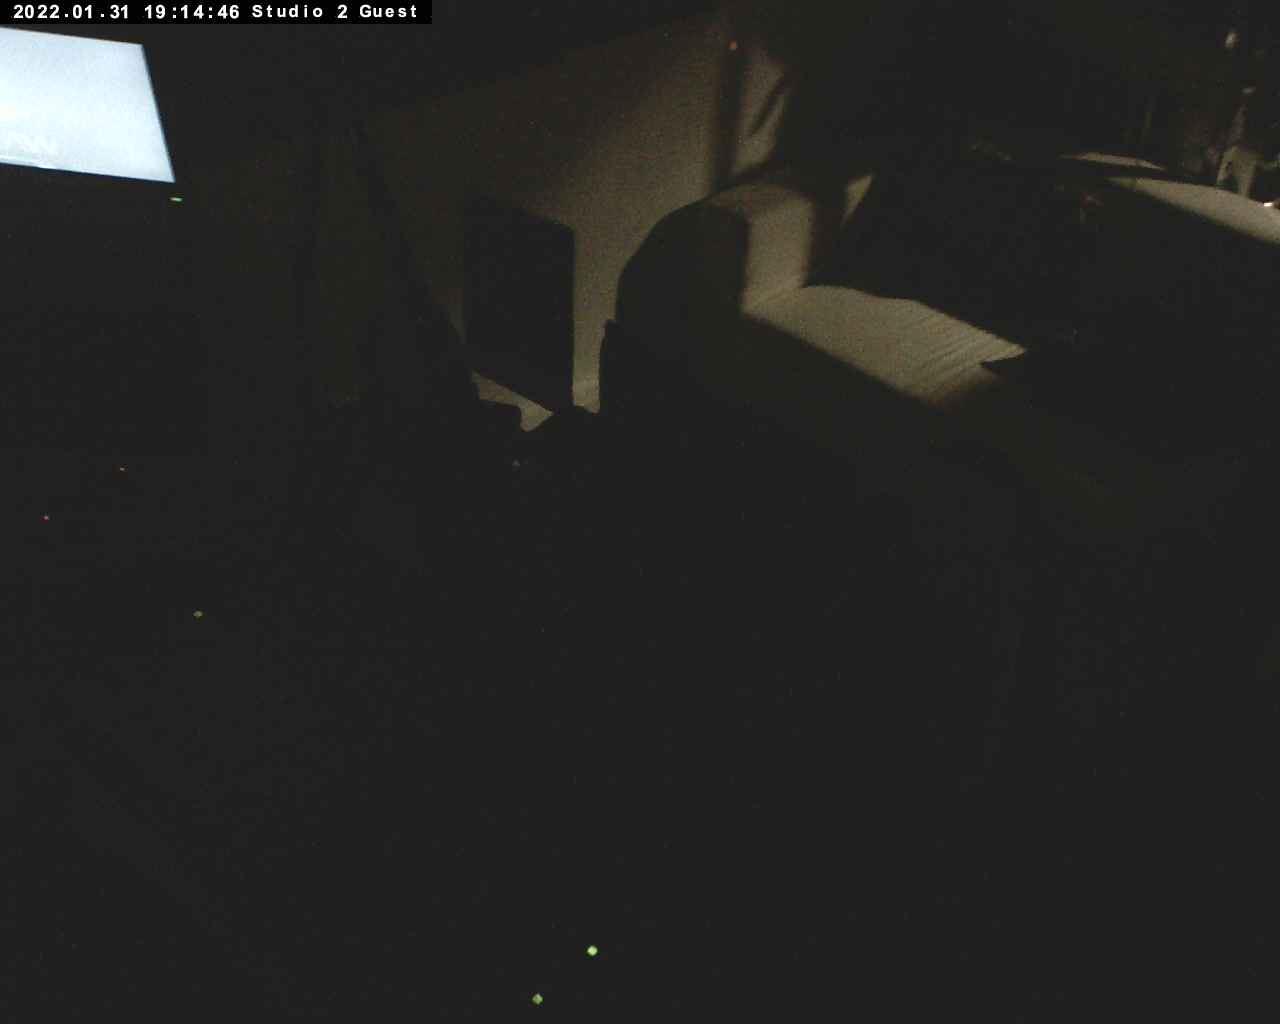 Studio 2 Webcam